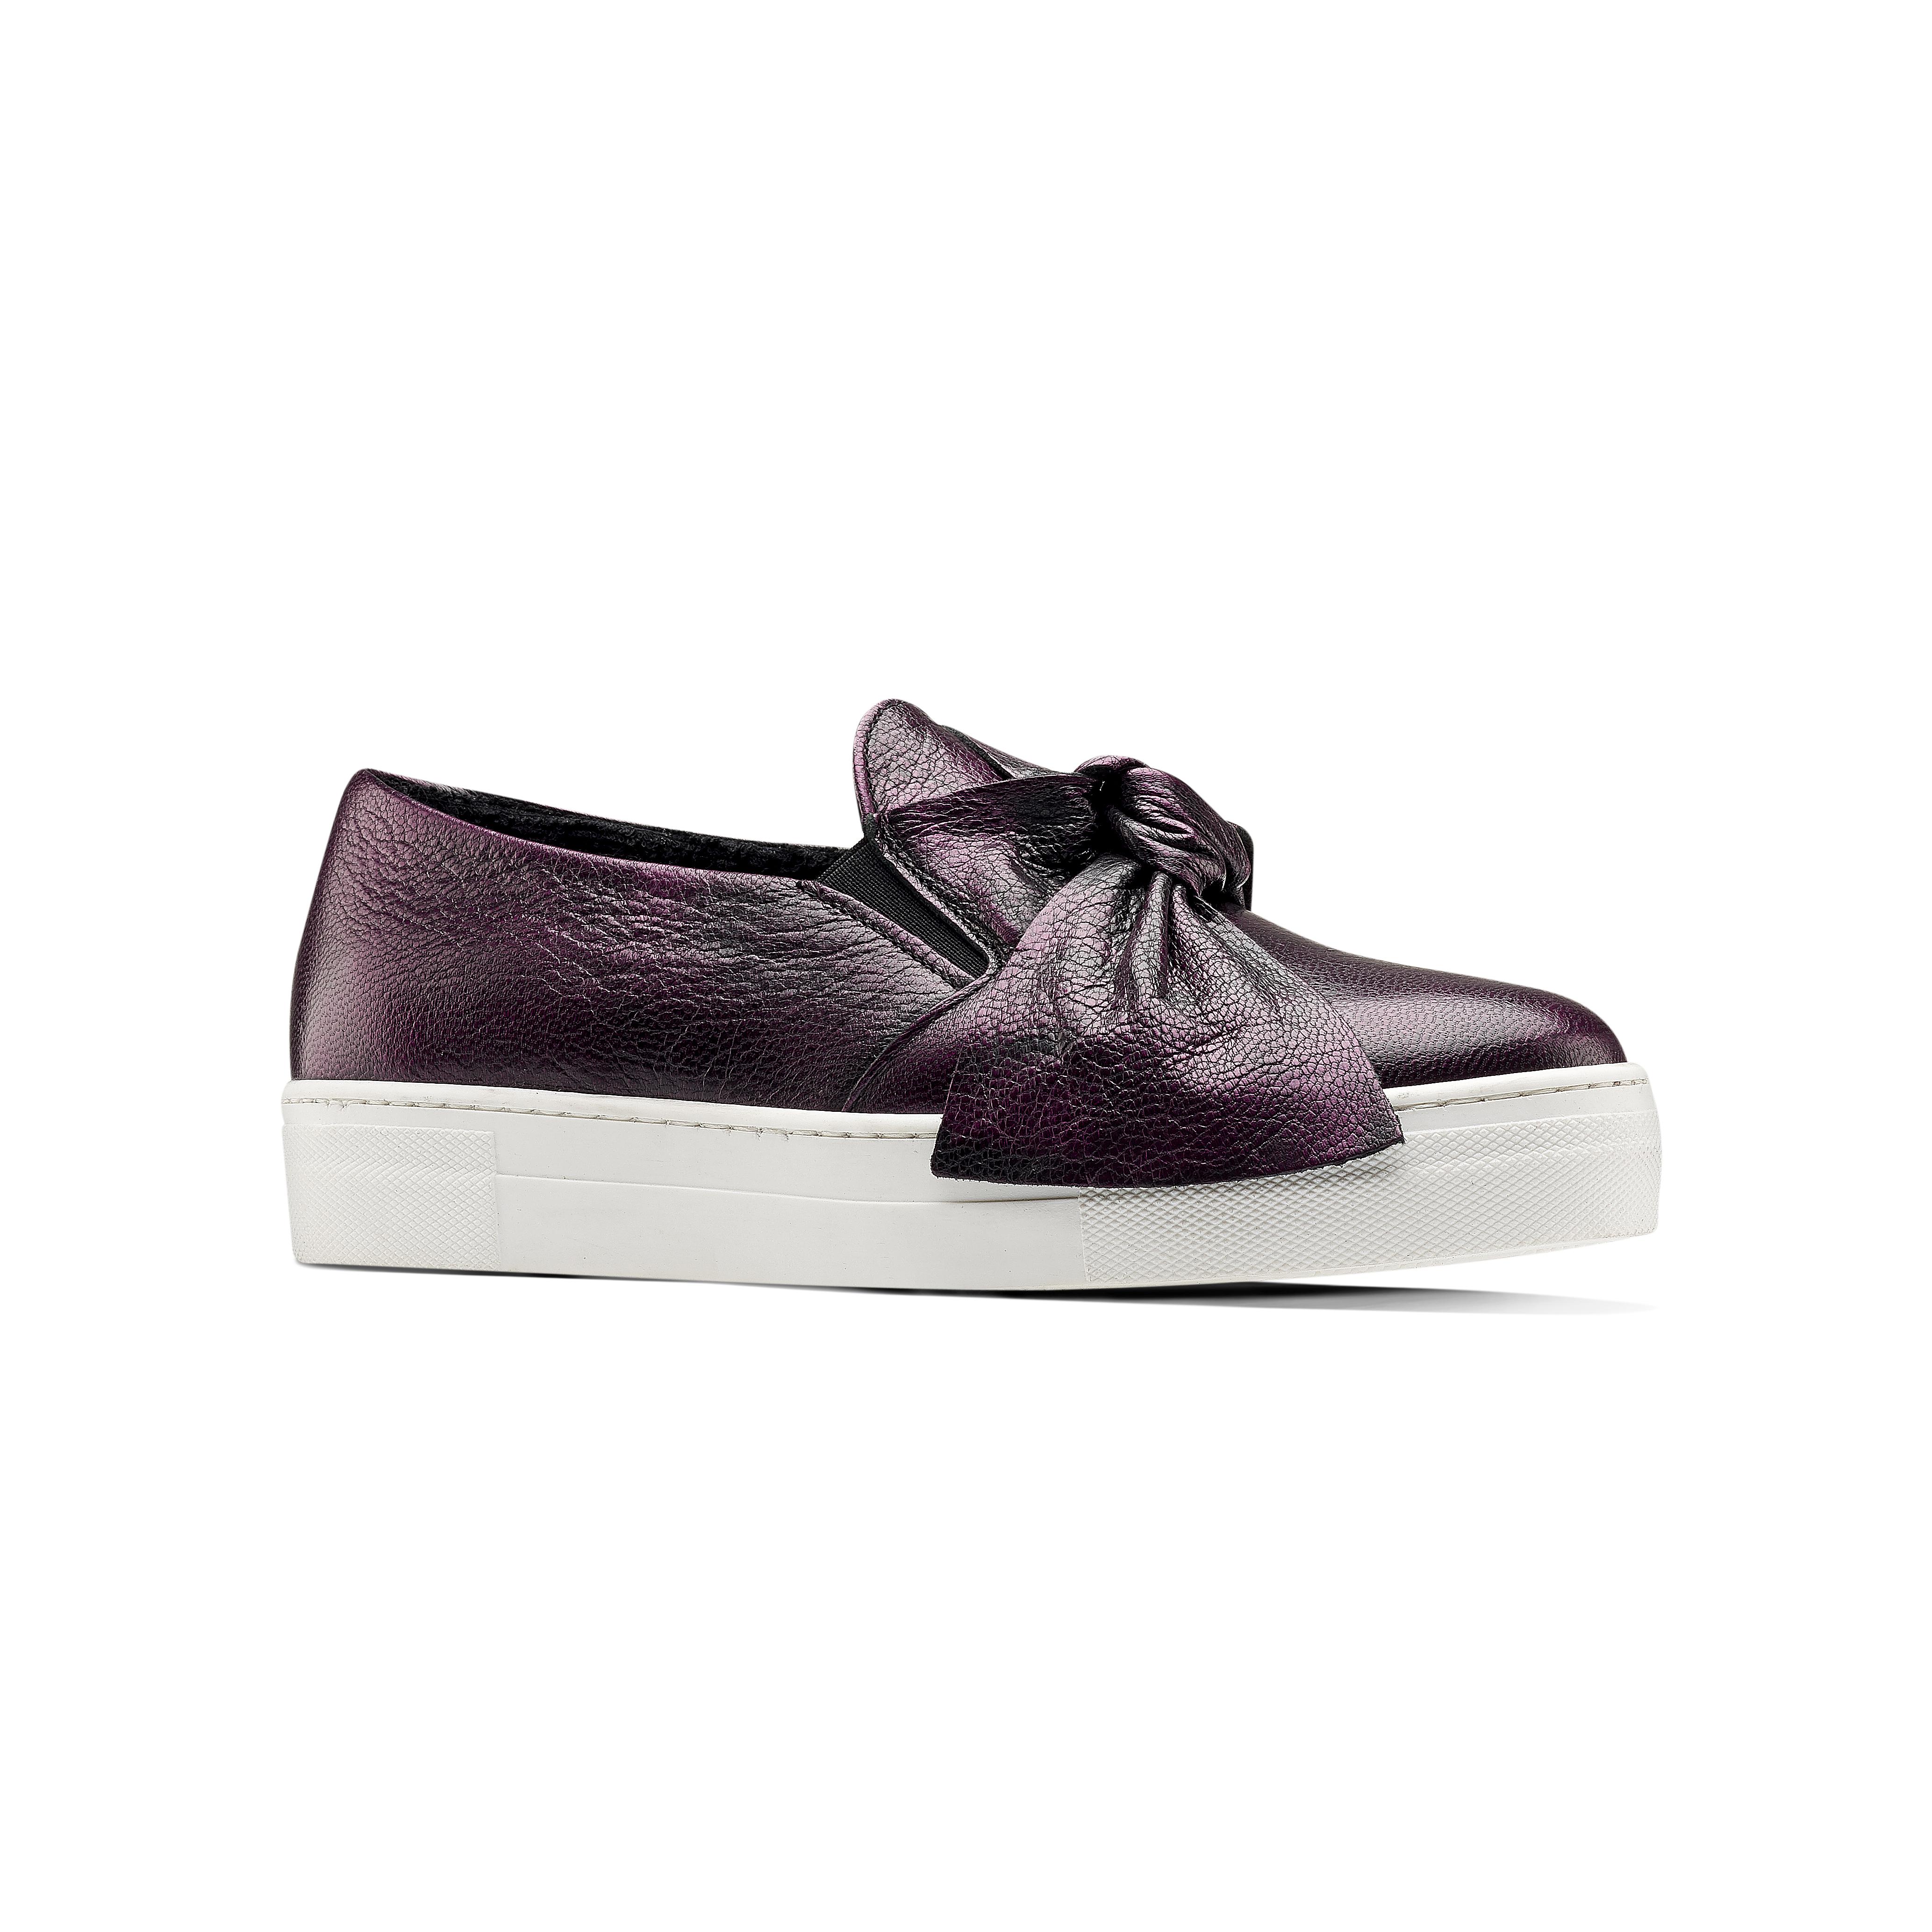 411ef6c656c NORTH STAR Chaussures Femme - Décontractées